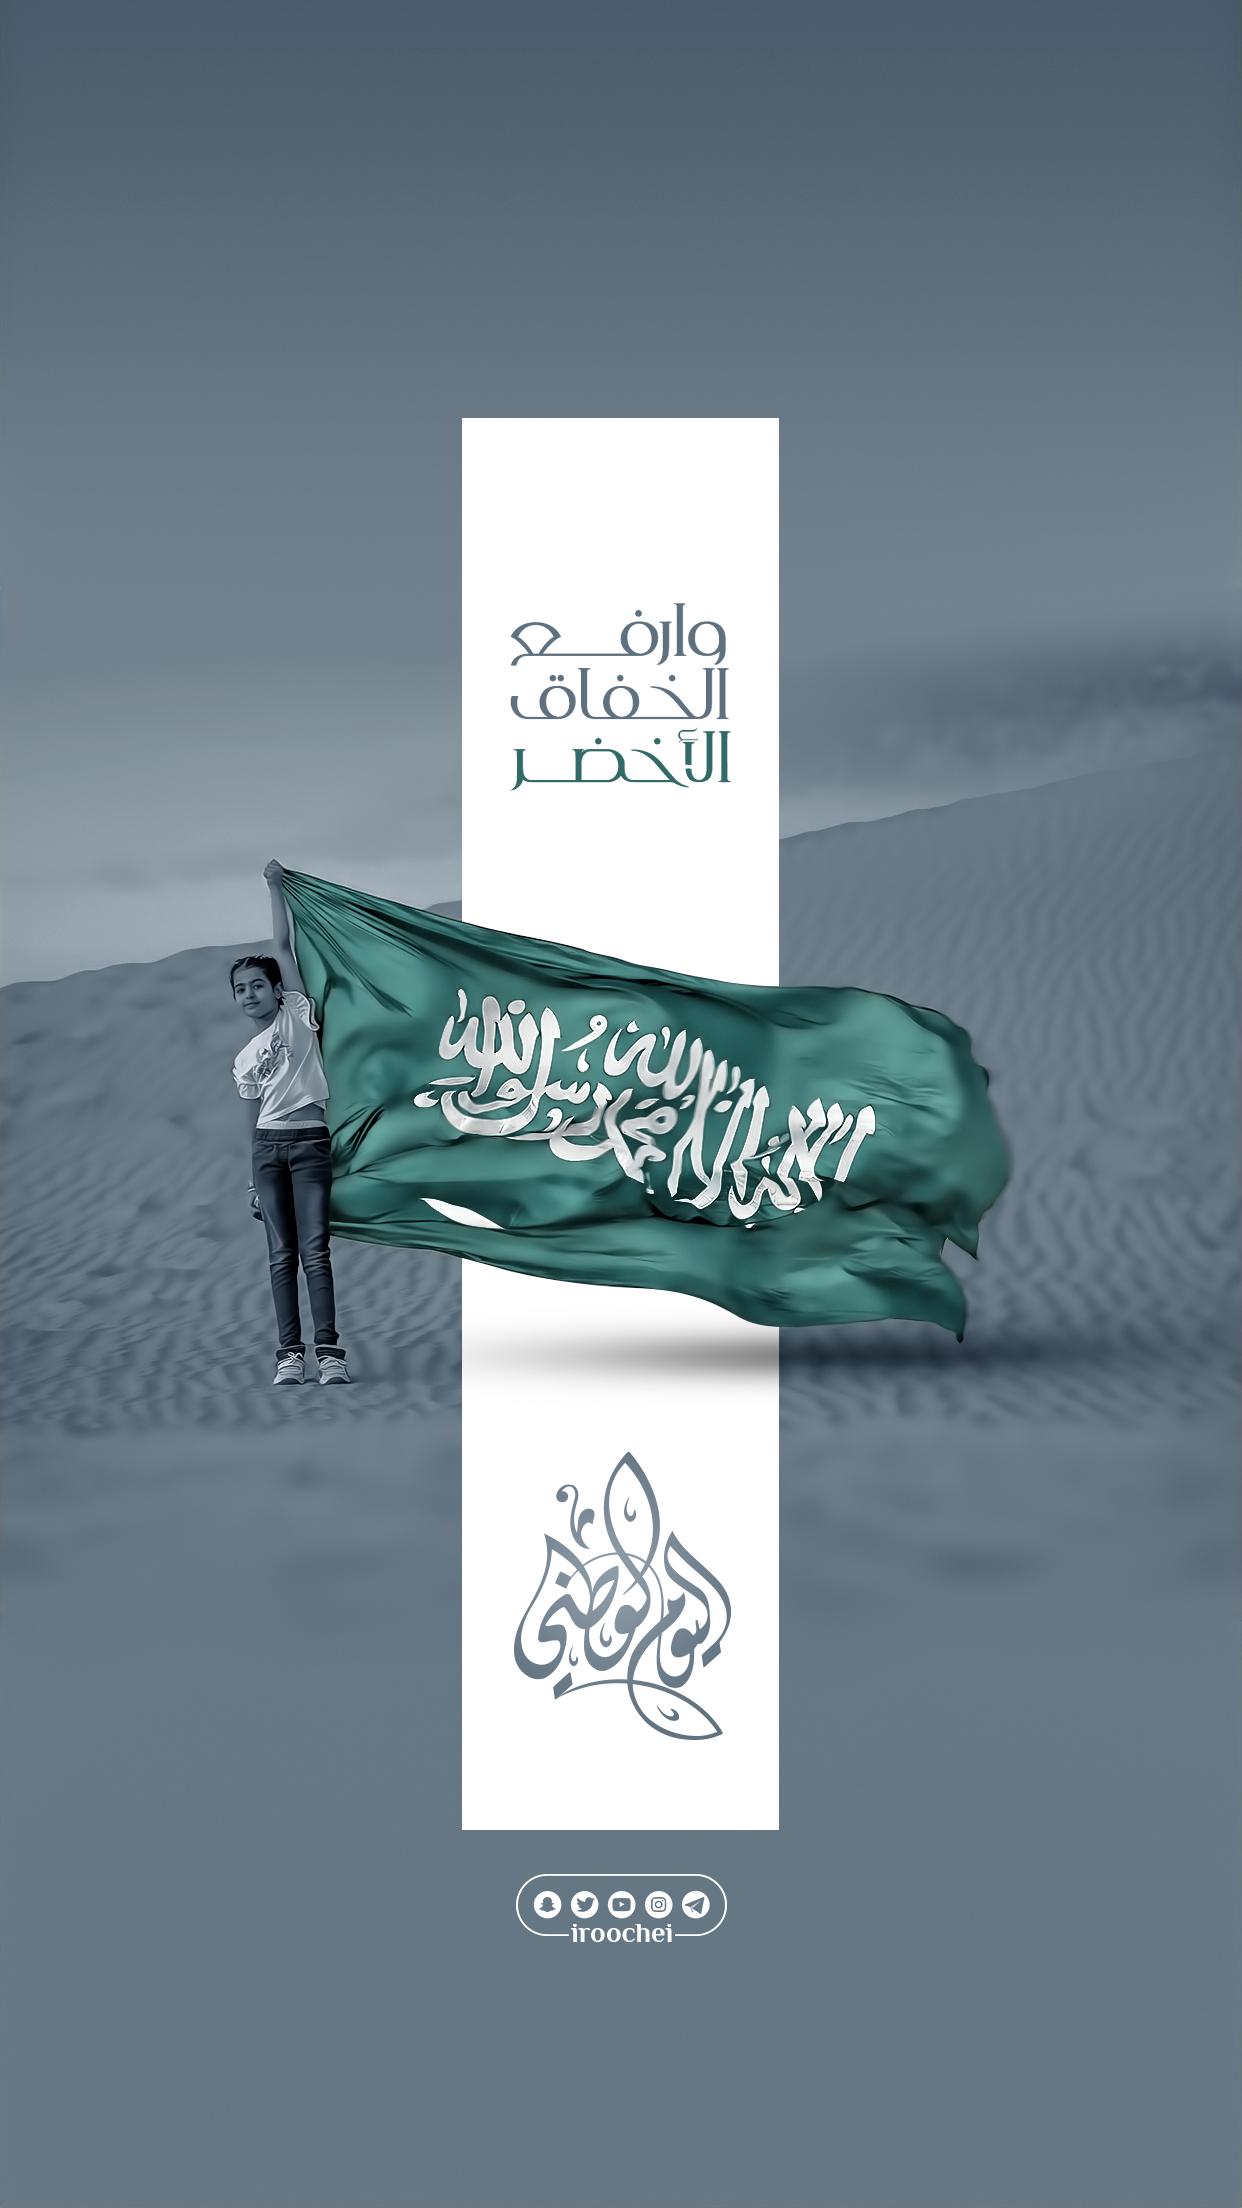 وارفع الخفاق الأخضر Saudi Arabia Culture National Day Saudi King Salman Saudi Arabia